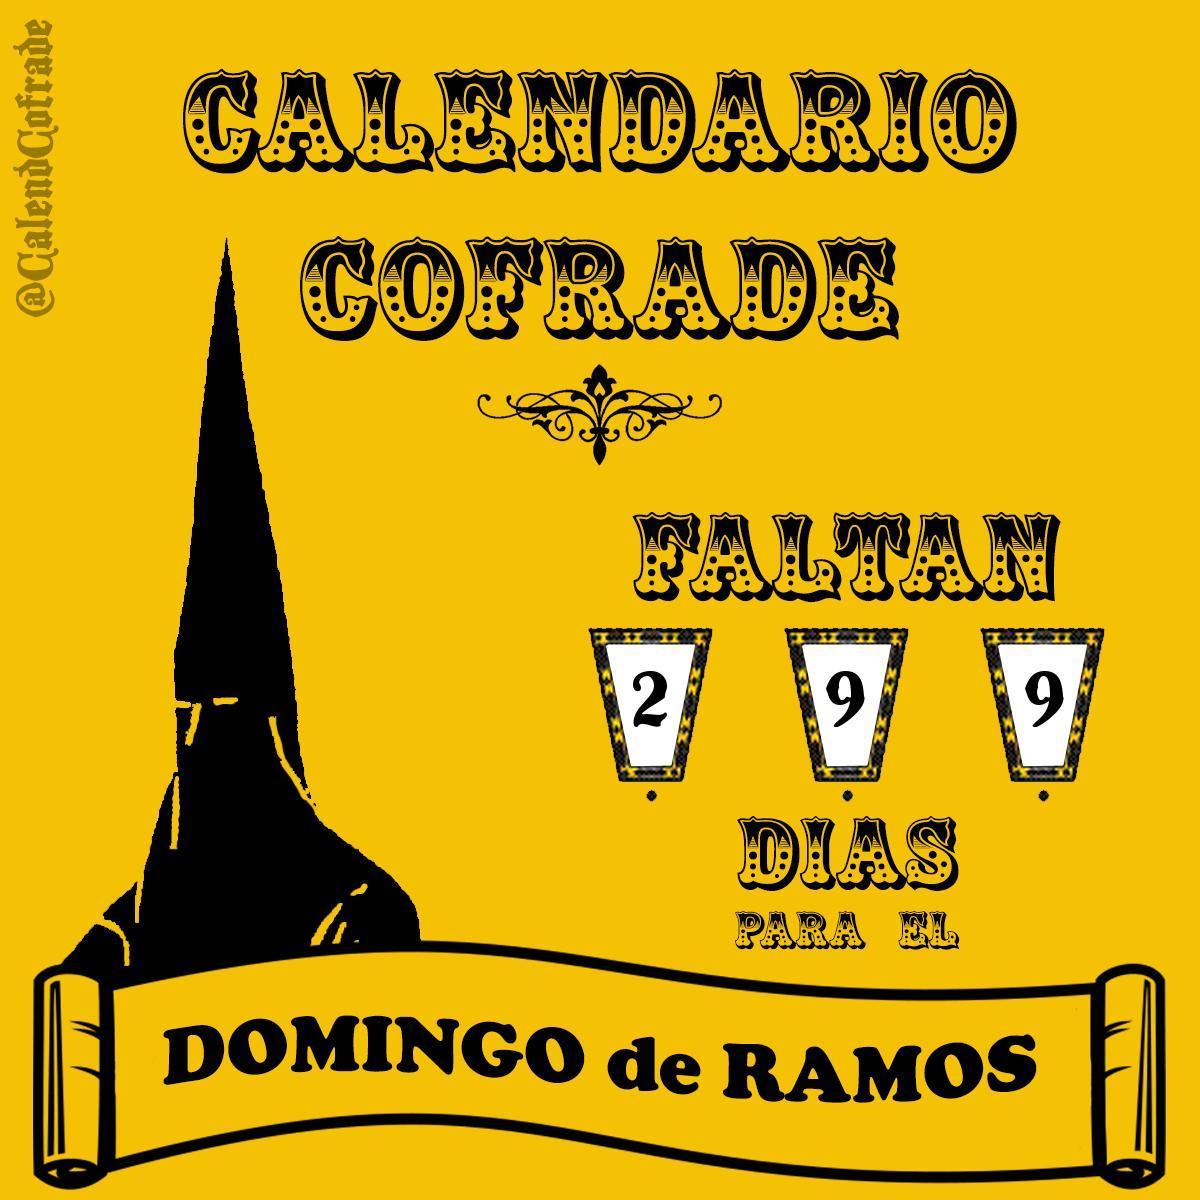 Quedan 2️⃣9️⃣9️⃣ días para el #DomingoDeRamos #SSanta2020